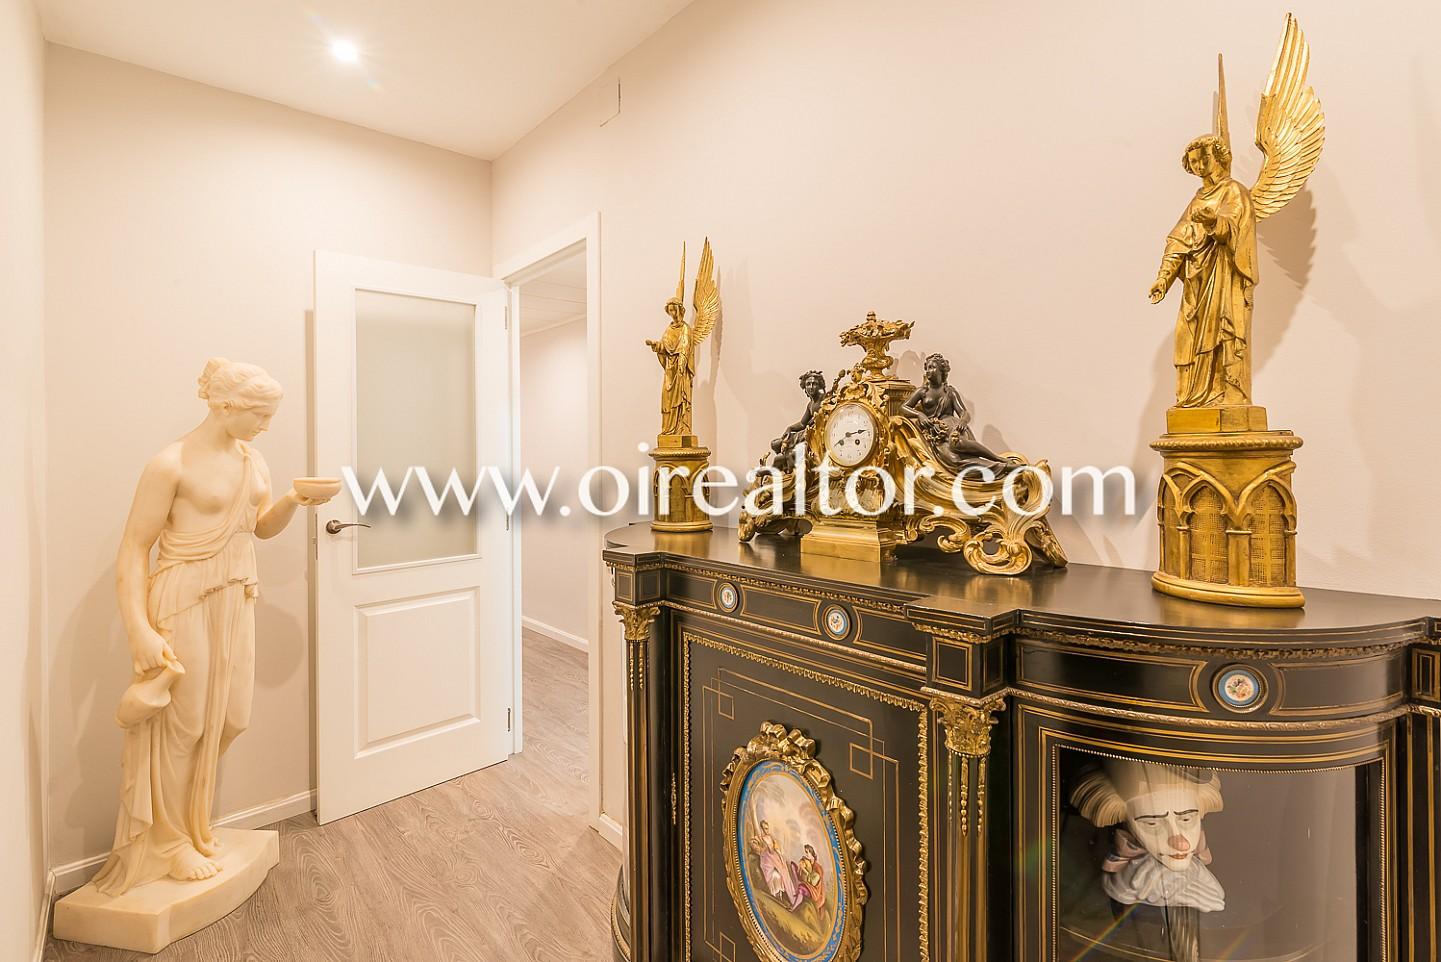 Estupendo piso en venta a escasos pasos de avenida gaudi for Piso sagrada familia malaga